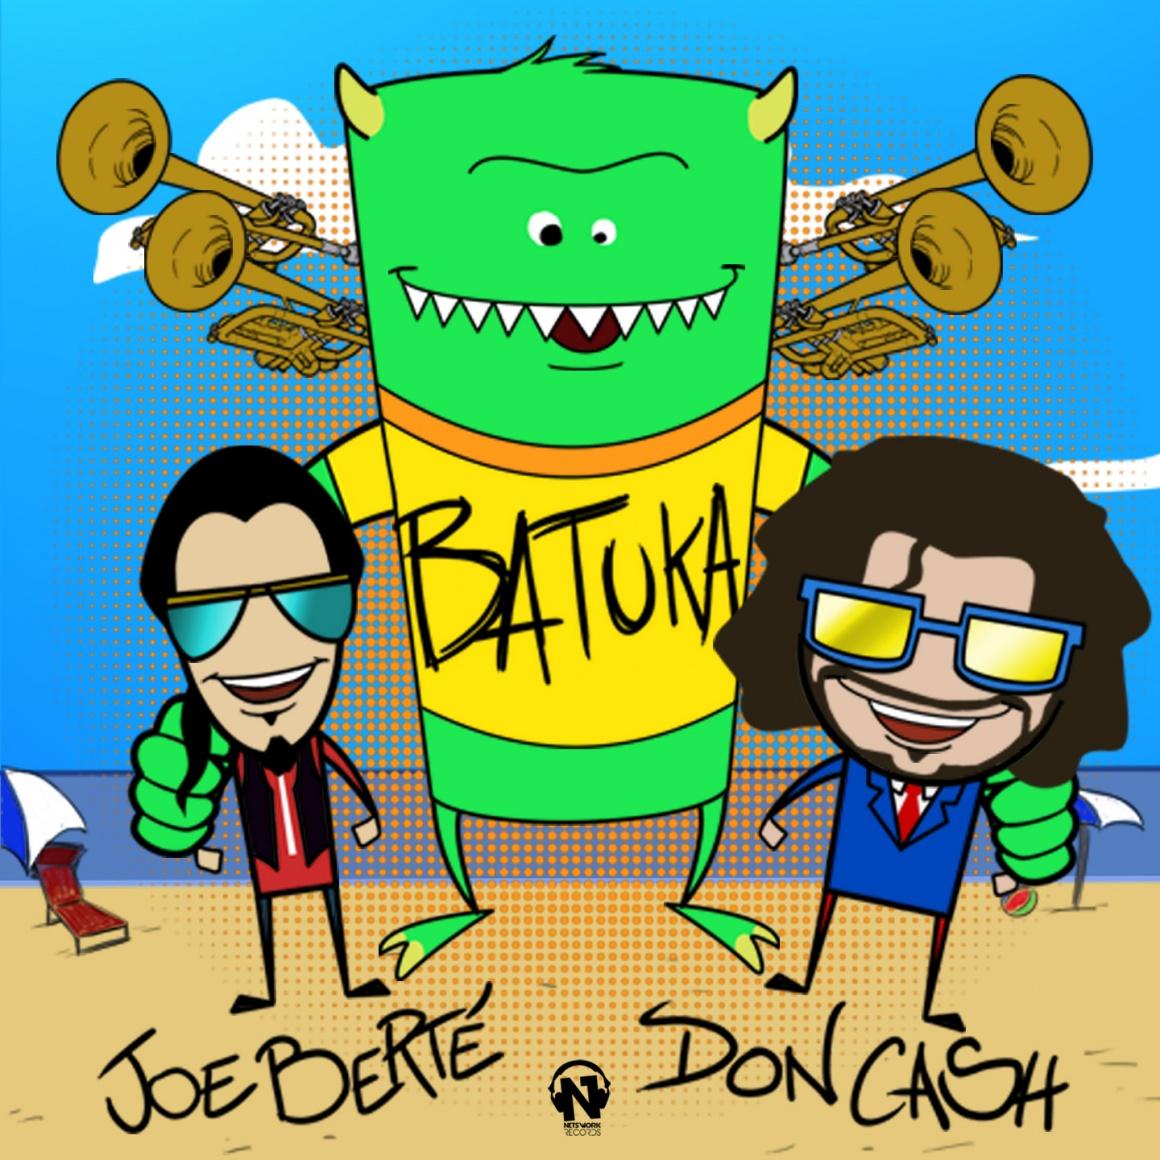 """JOE BERTE' & DON CASH """"Batuka"""""""